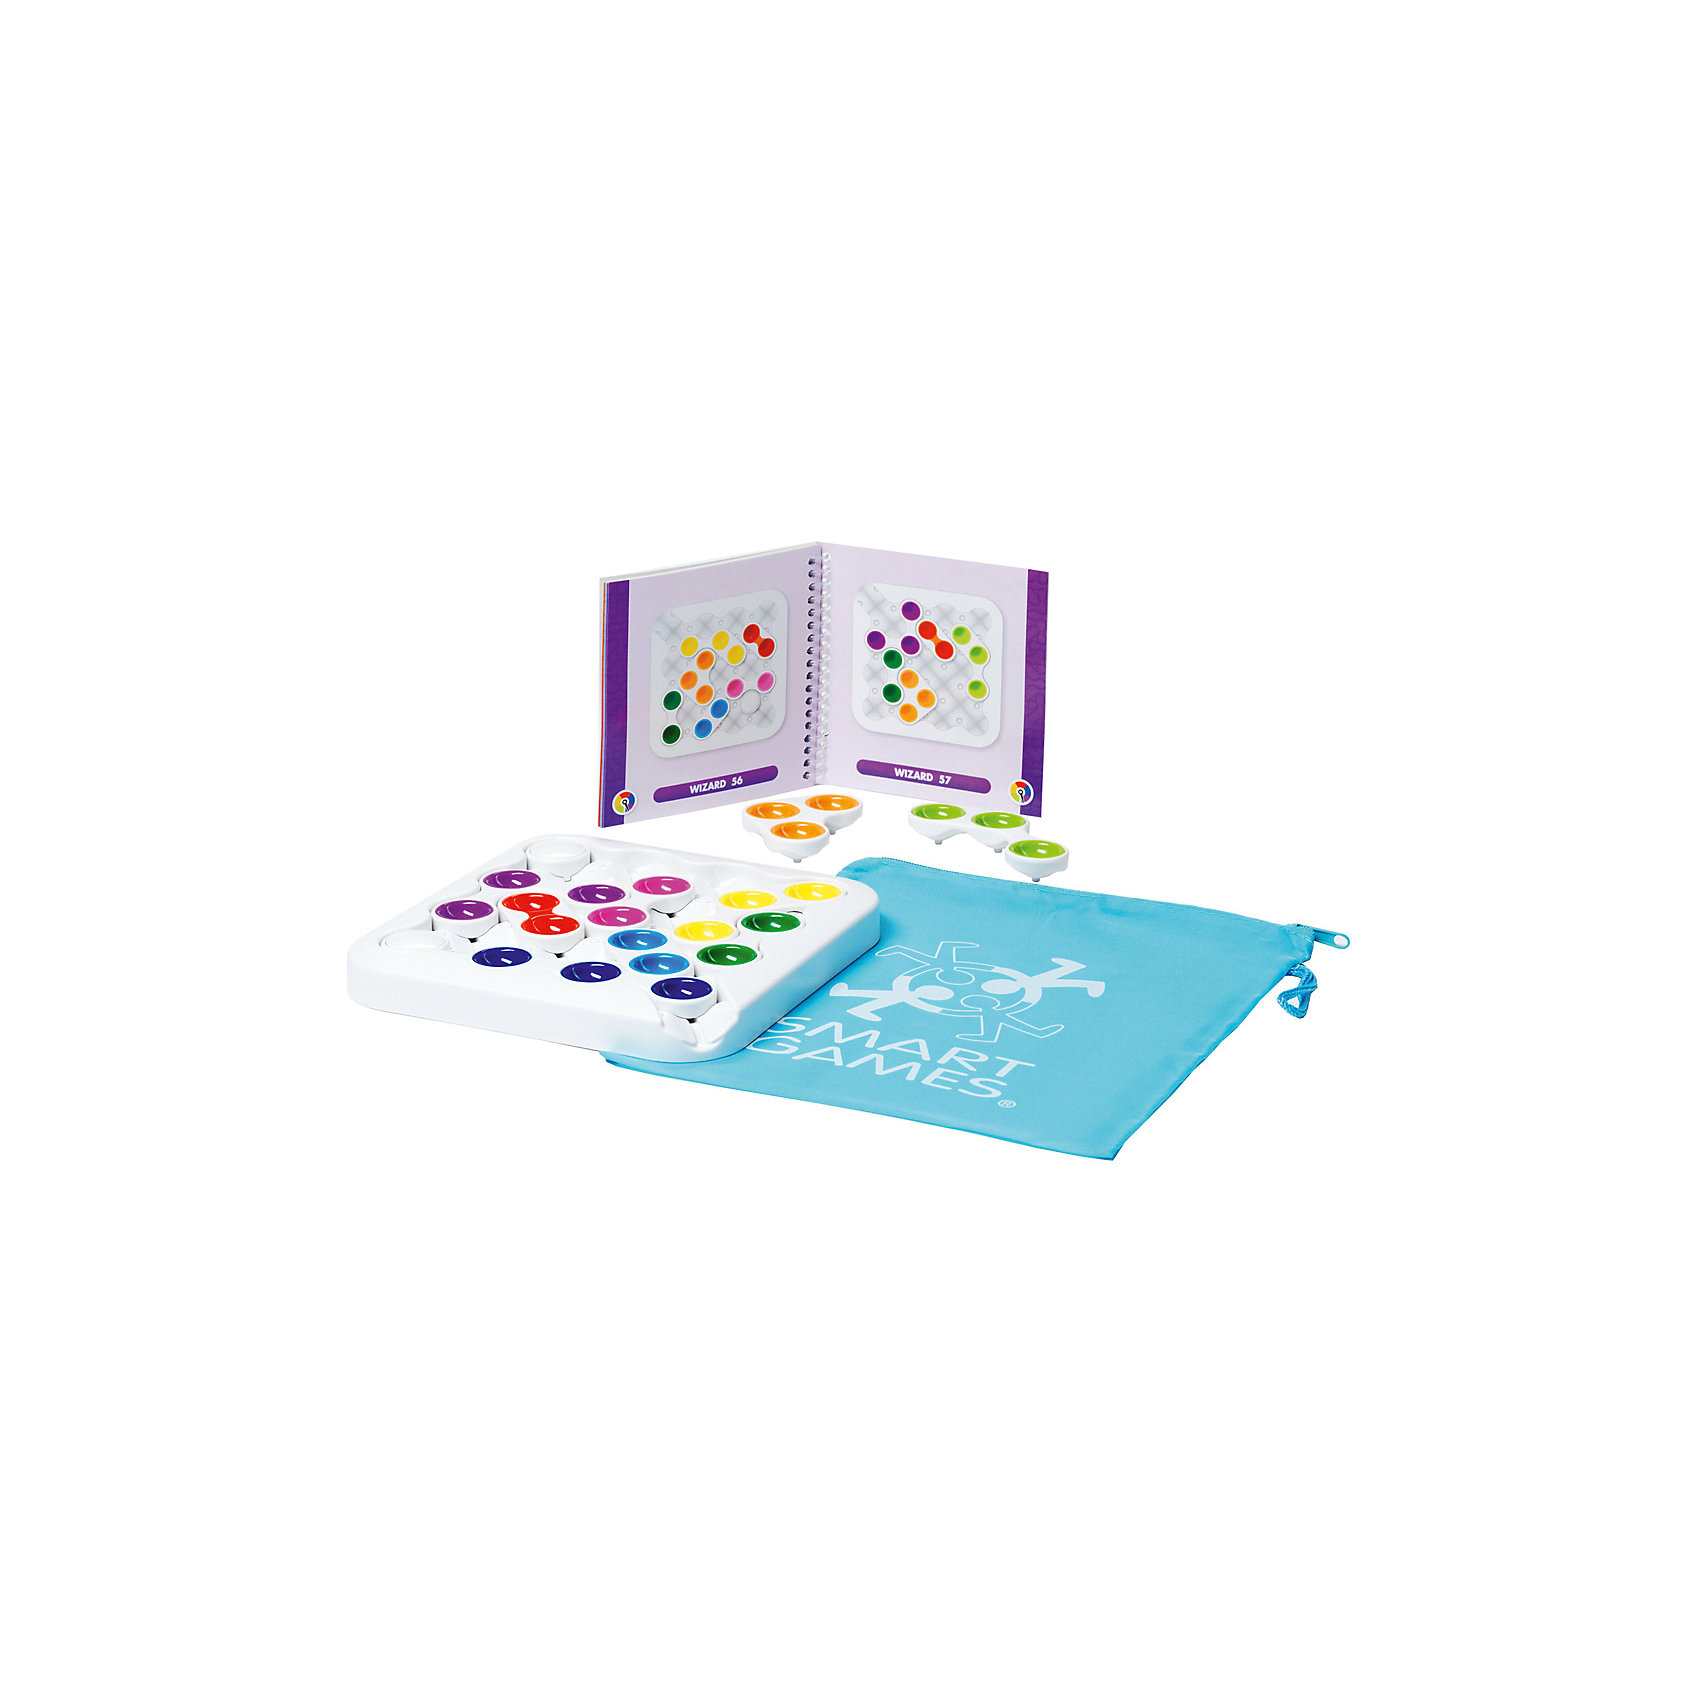 Логическая игра Антивирус, BondibonНастольные игры<br>Характеристики:<br><br>• Вид игр: настольные игры<br>• Пол: универсальный<br>• Материал: пластик, бумага, картон<br>• Количество игроков: 1<br>• Количество уровней сложности: 5<br>• Количество заданий: 60<br>• Размер (Д*Ш*В): 24*6*24 см<br>• Вес: 470 г<br>• Комплектация: рамка-игровое поле, 11 фишек-пазлов с разноцветными молекулами, блокнот с заданиями, инструкция<br><br>Логическая игра Антивирус, Bondibon – это настольная игра от всемирно известного производителя детских игр развивающей и обучающей направленности. Smart Games – это серия логических игр, предназначенная для одного игрока с несколькими уровнями сложности и множеством заданий. Цель игры Антивирус заключается в том, чтобы расположить игровые элементы на поле в соответствии с заданием, указанным в карточке. Элементы игры выполнены из качественного и безопасного пластика, упакованы в картонную коробку. В комплекте имеется инструкция с правилами игры и буклет с заданиями.<br><br>Логические игры Smart Games от Bondibon научат ребенка логическому и пространственному мышлению, концентрации внимания и выработке индивидуальной тактики решения игровых задач. Настольные игры от Bondibon – залог развития успешности вашего ребенка в будущем! <br><br>Логическую игру Антивирус, Bondibon можно купить в нашем интернет-магазине.<br><br>Ширина мм: 240<br>Глубина мм: 50<br>Высота мм: 240<br>Вес г: 555<br>Возраст от месяцев: 84<br>Возраст до месяцев: 144<br>Пол: Унисекс<br>Возраст: Детский<br>SKU: 5121956